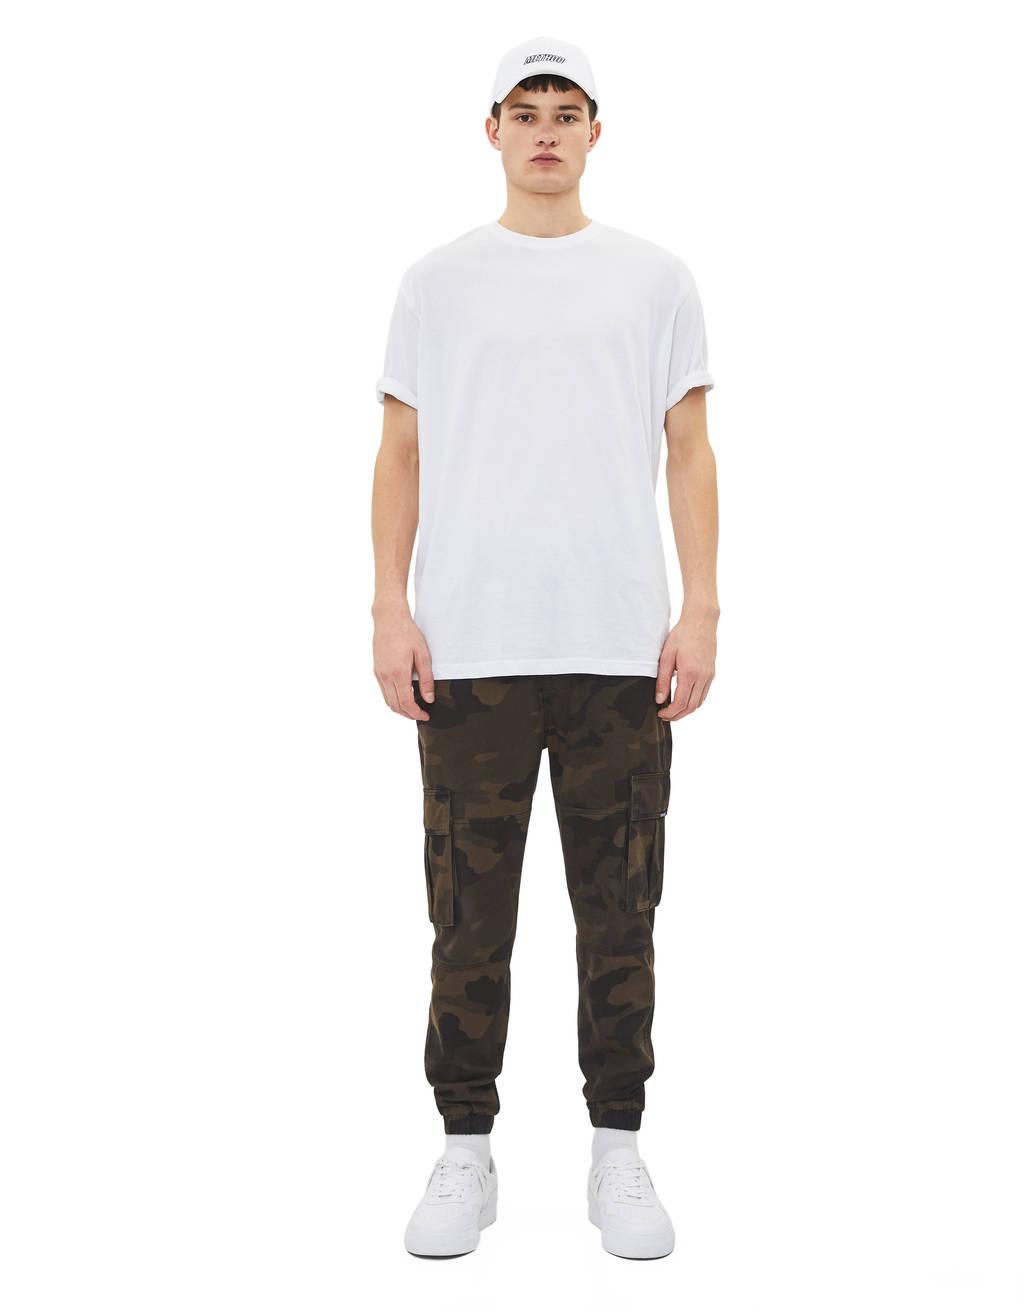 tra qualche giorno ultima vendita orologio Pantaloni militari con cintura